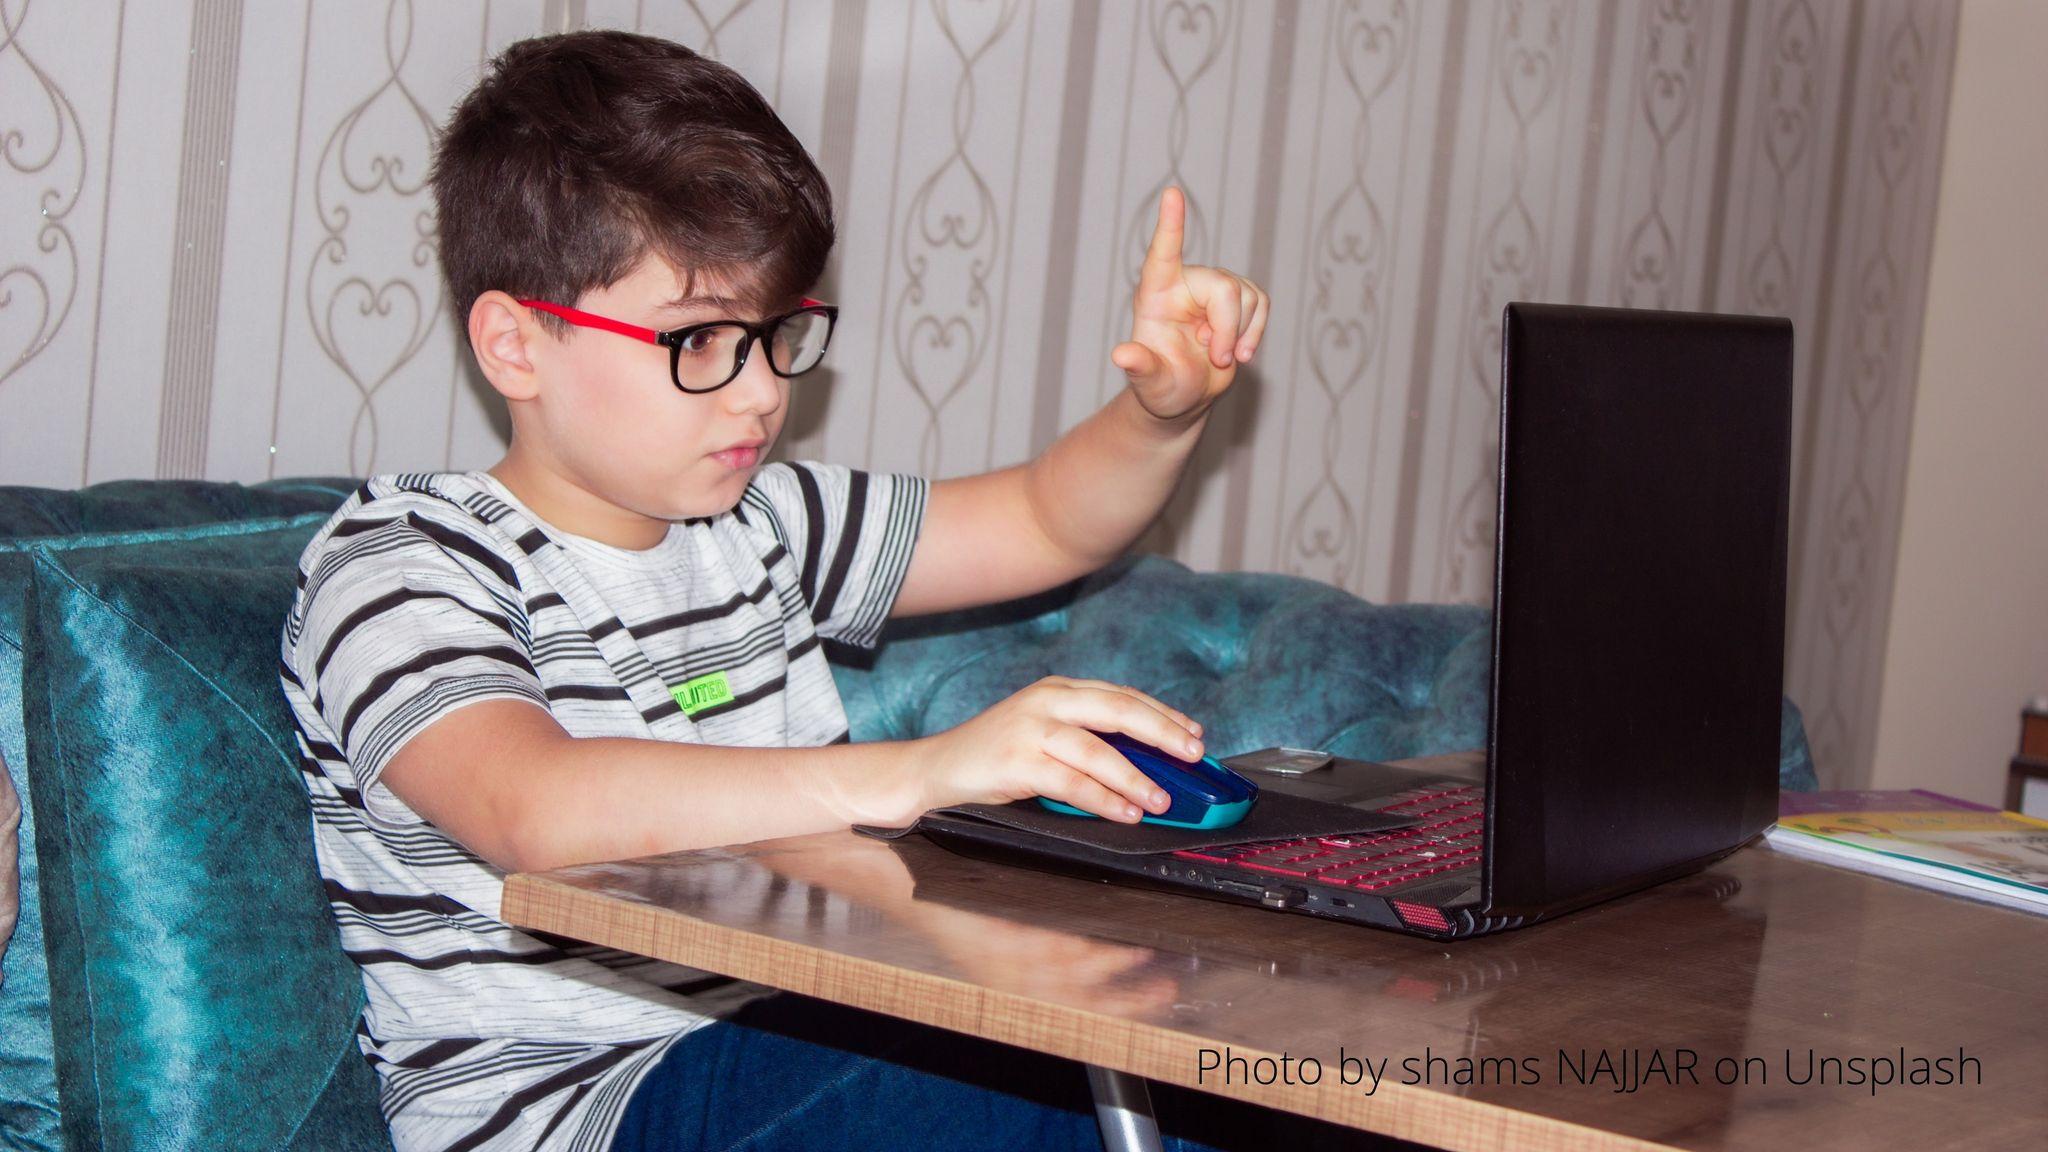 Zdjęcie przedstawia chłopca siedzącego przed komputerem.